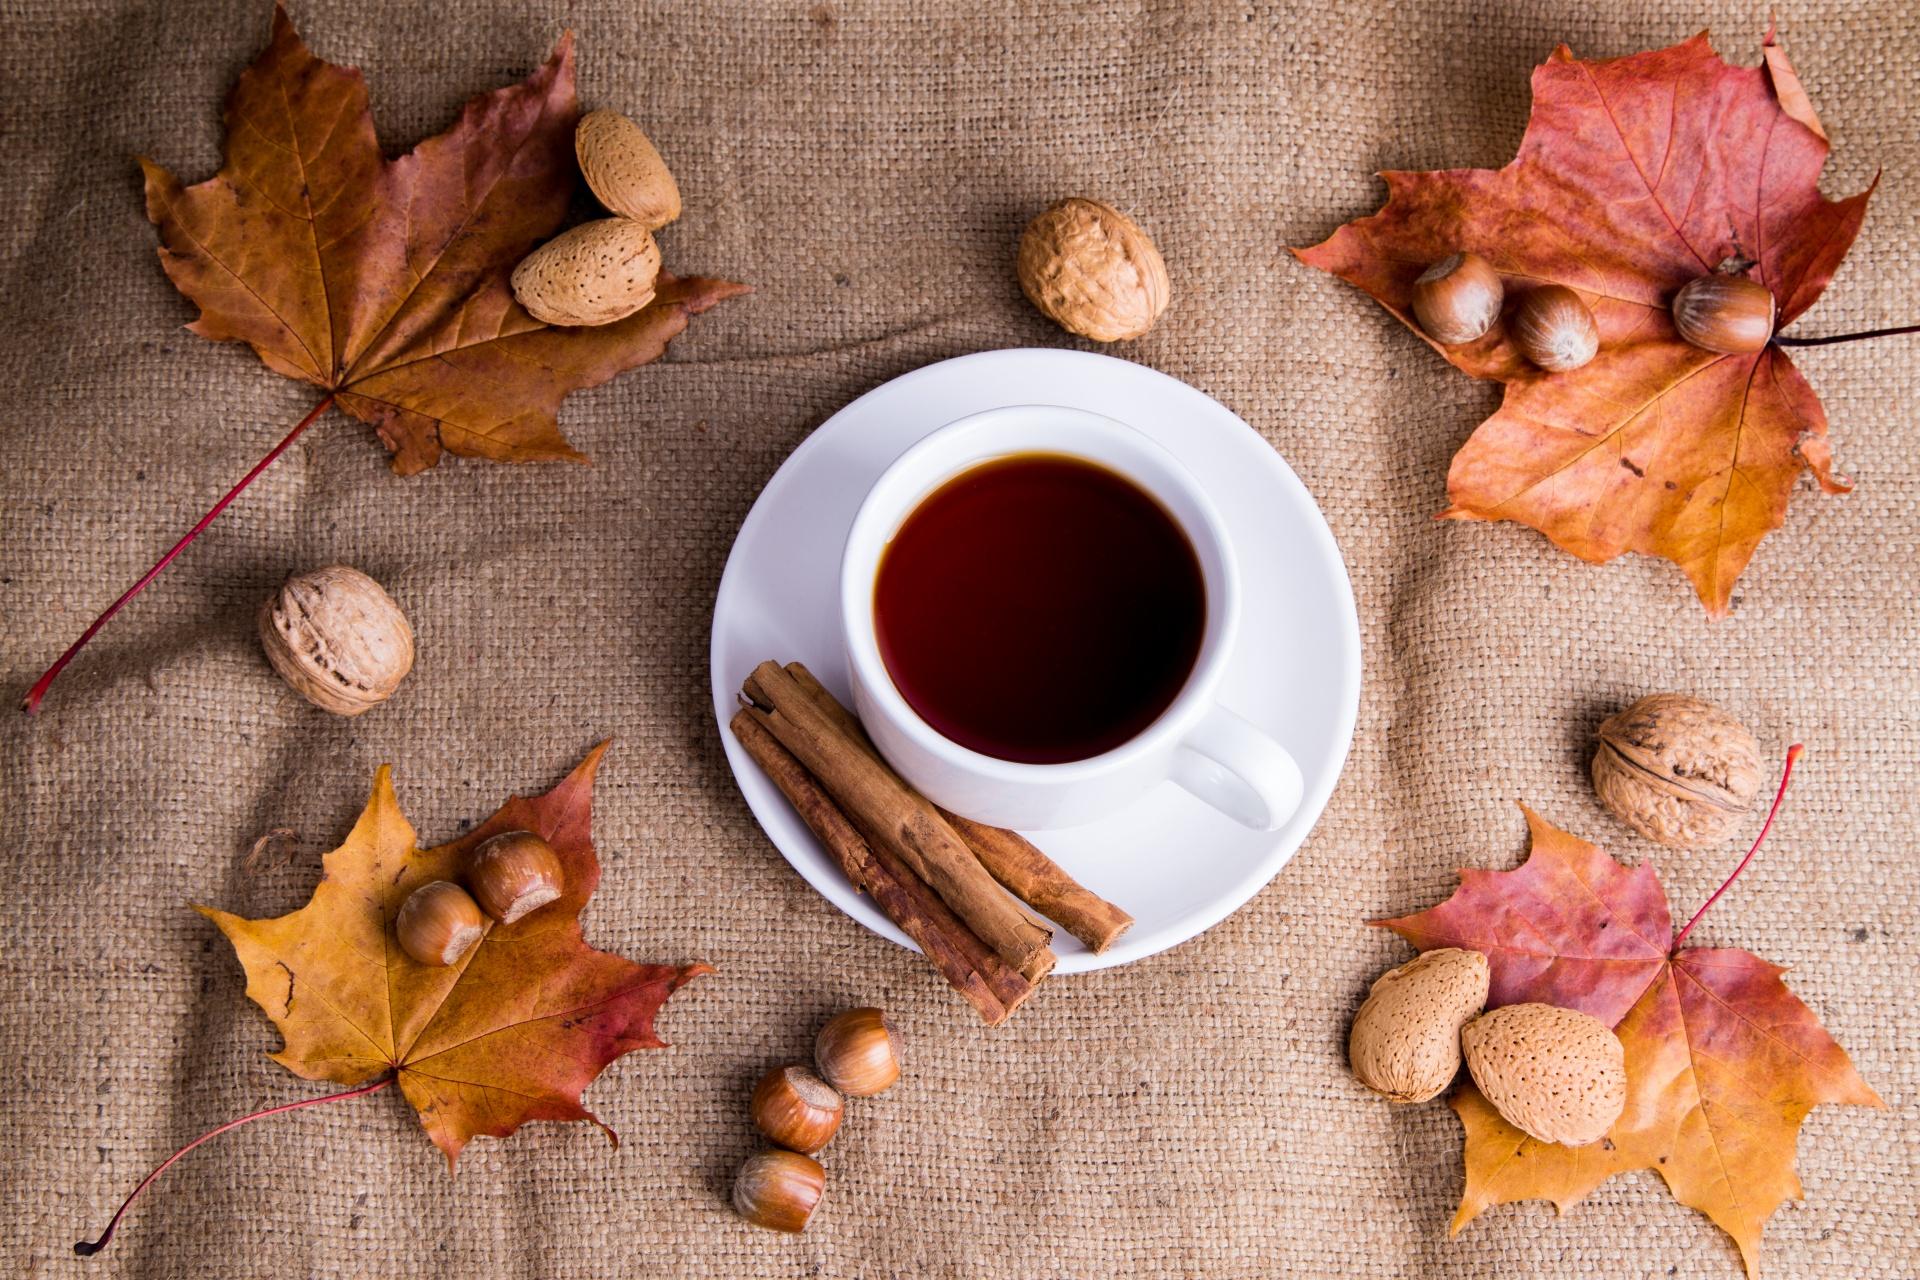 Hierbas y plantas medicinales de otoño, en tés e infusiones